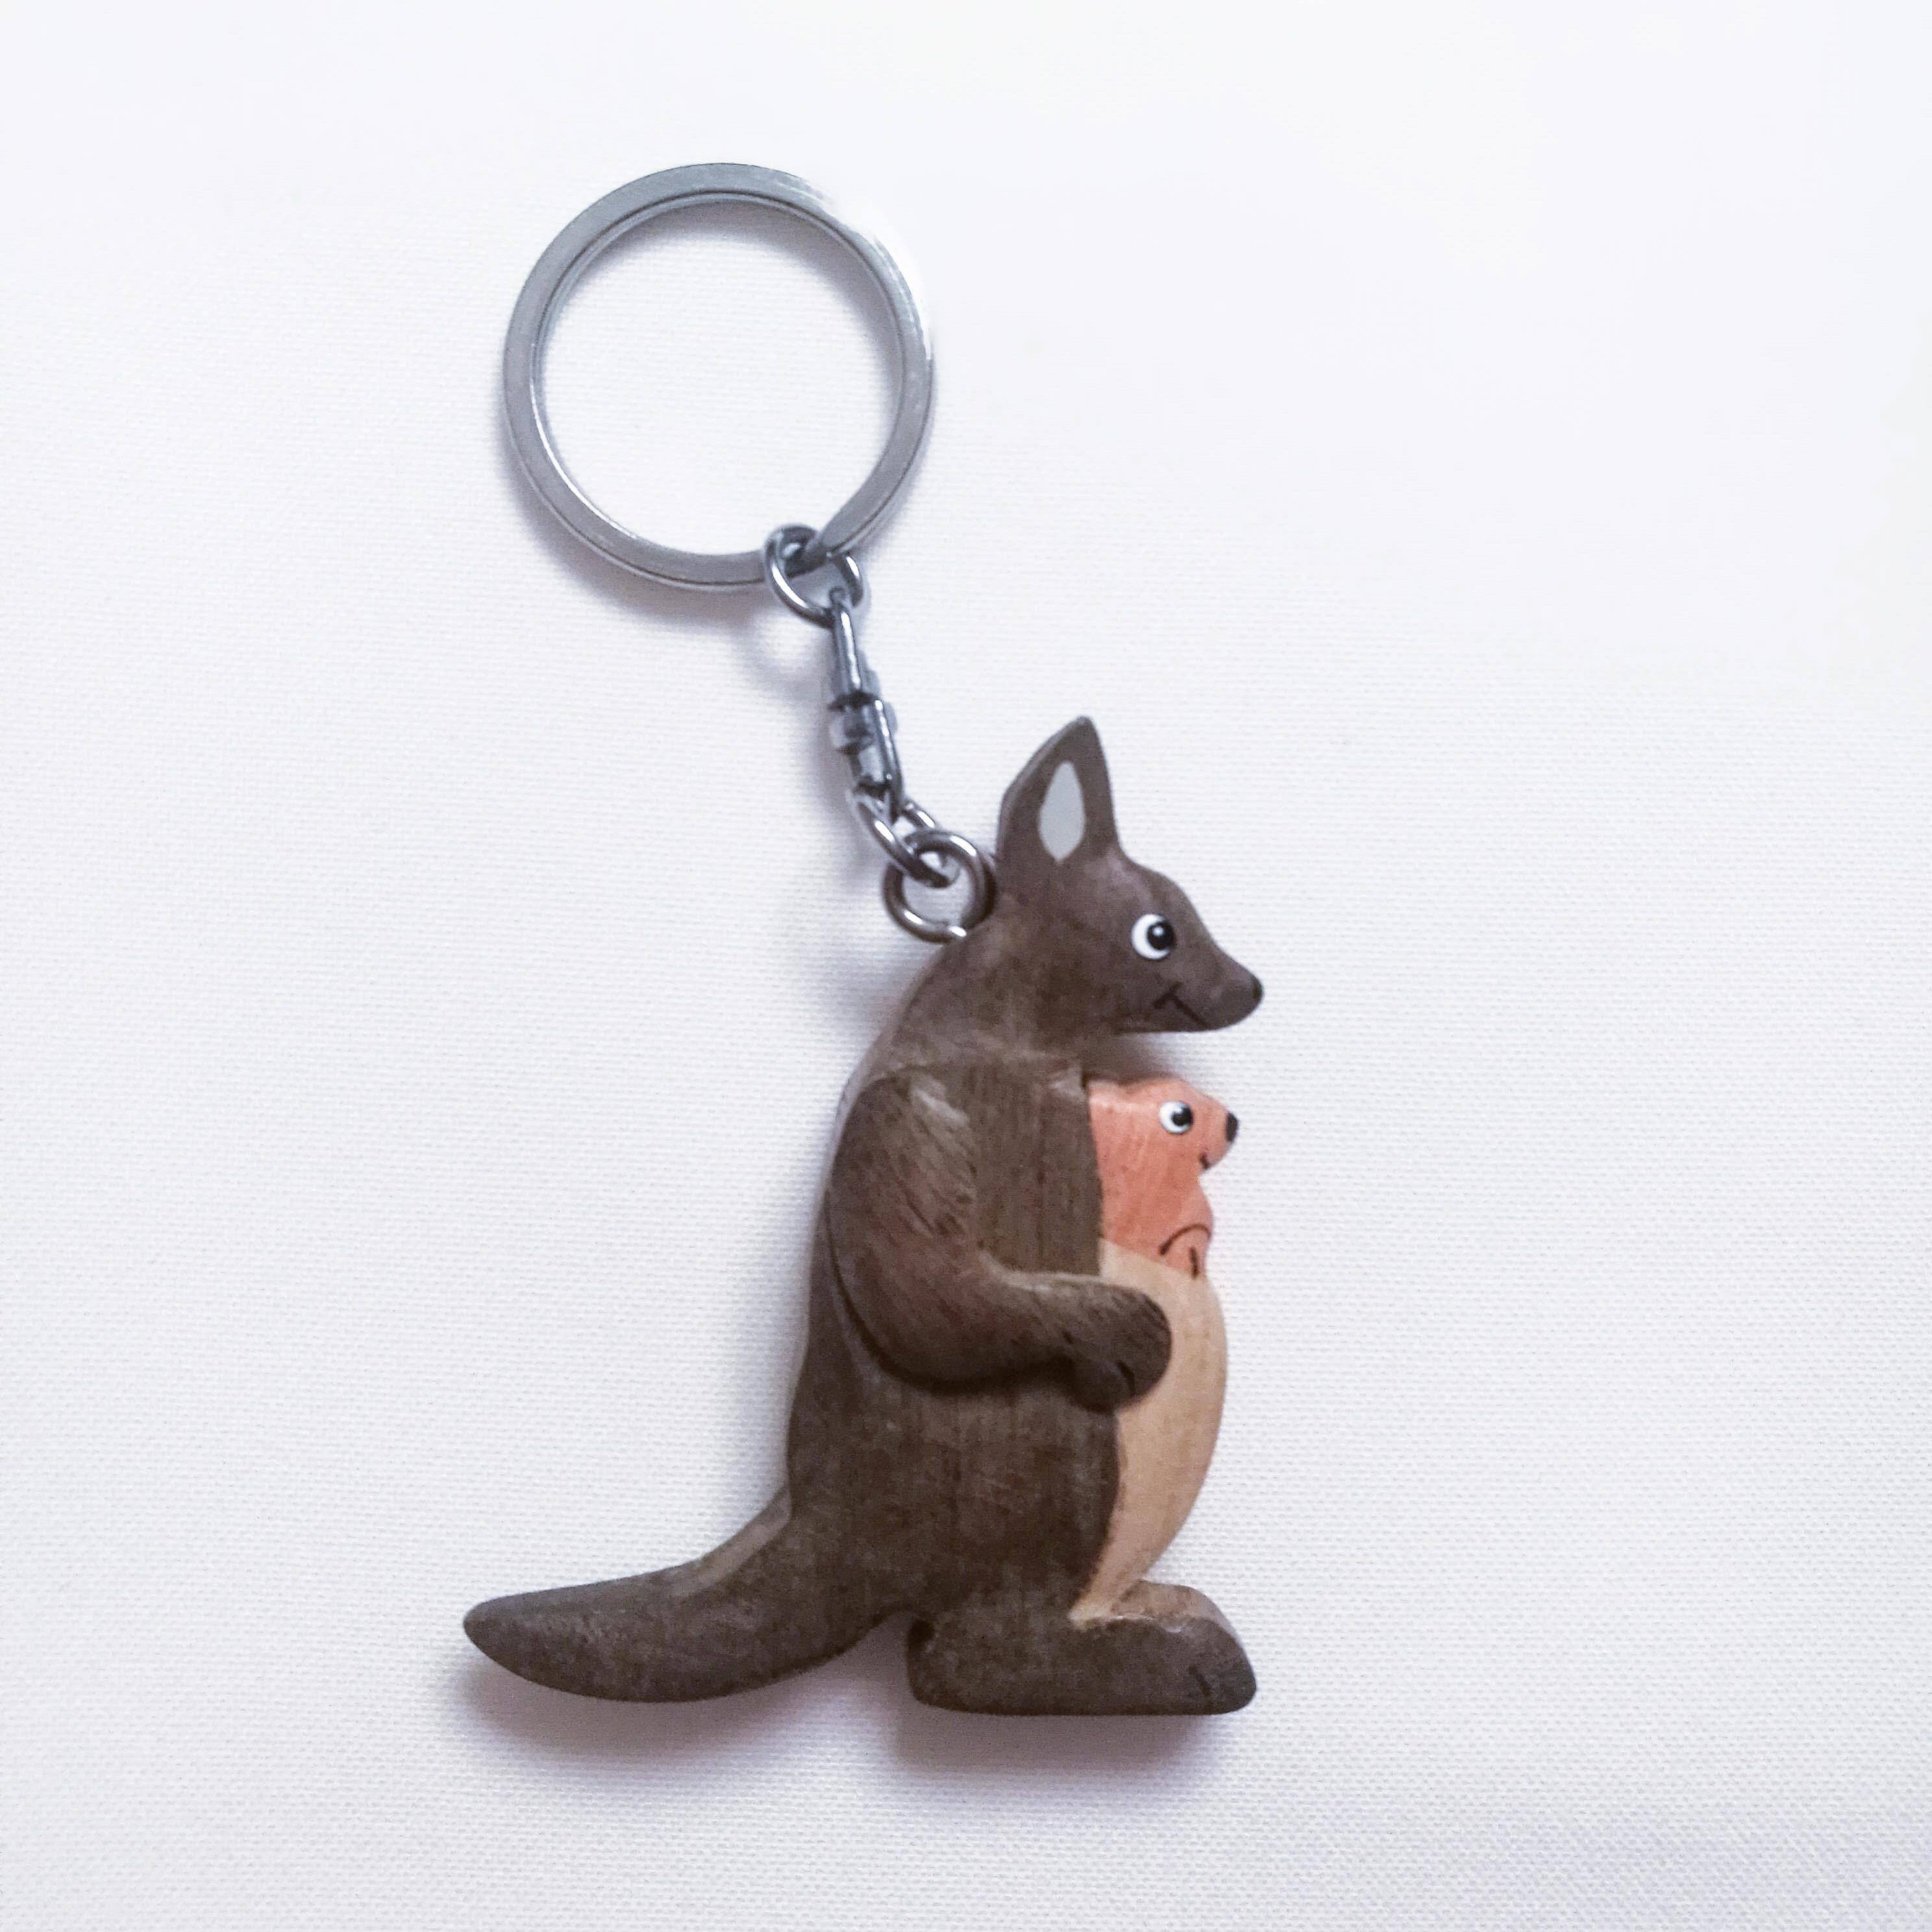 Schlüsselkette aus Holz Känguru